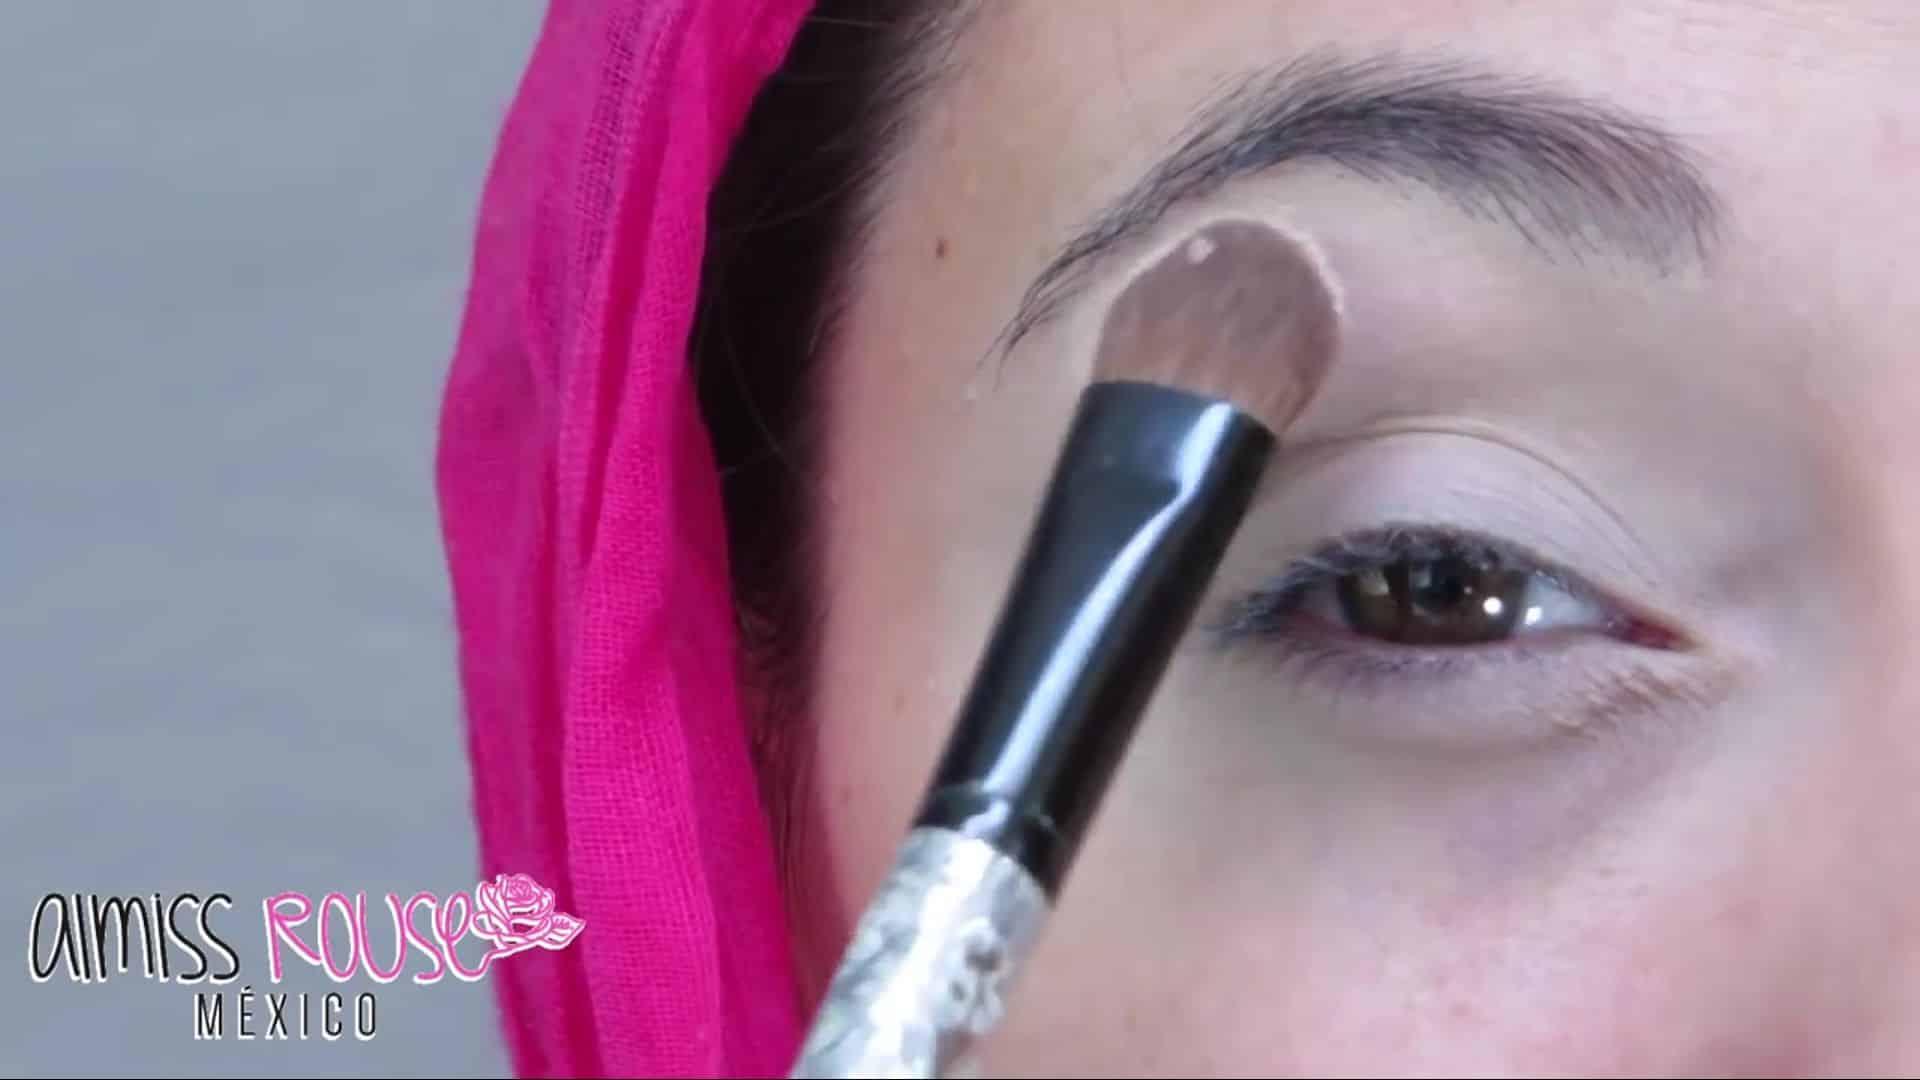 Paso a paso maquillaje Árabe almiss rouse 2020, sellado de corrector con sombra.